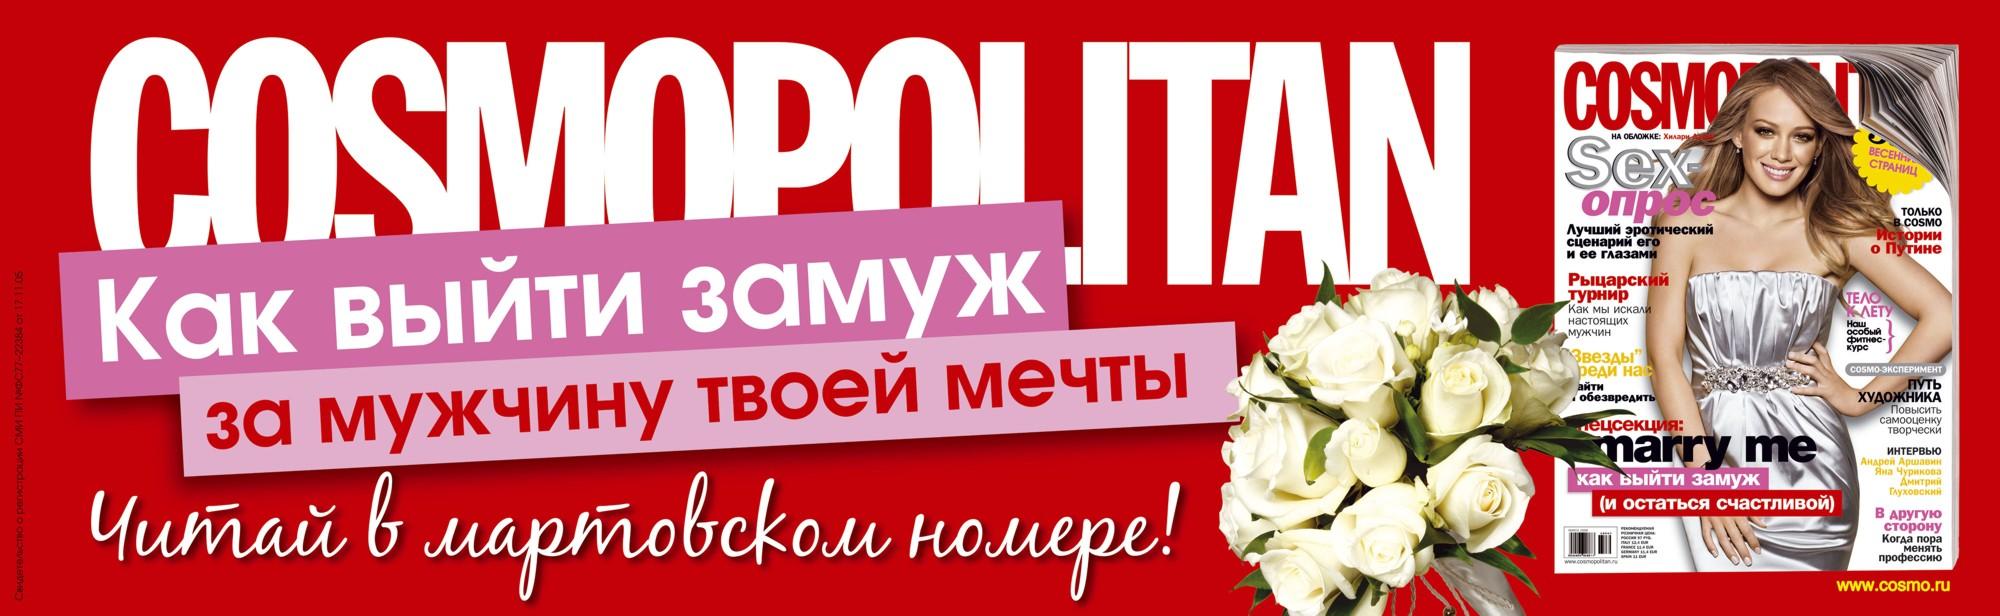 cocmopolitan журнал